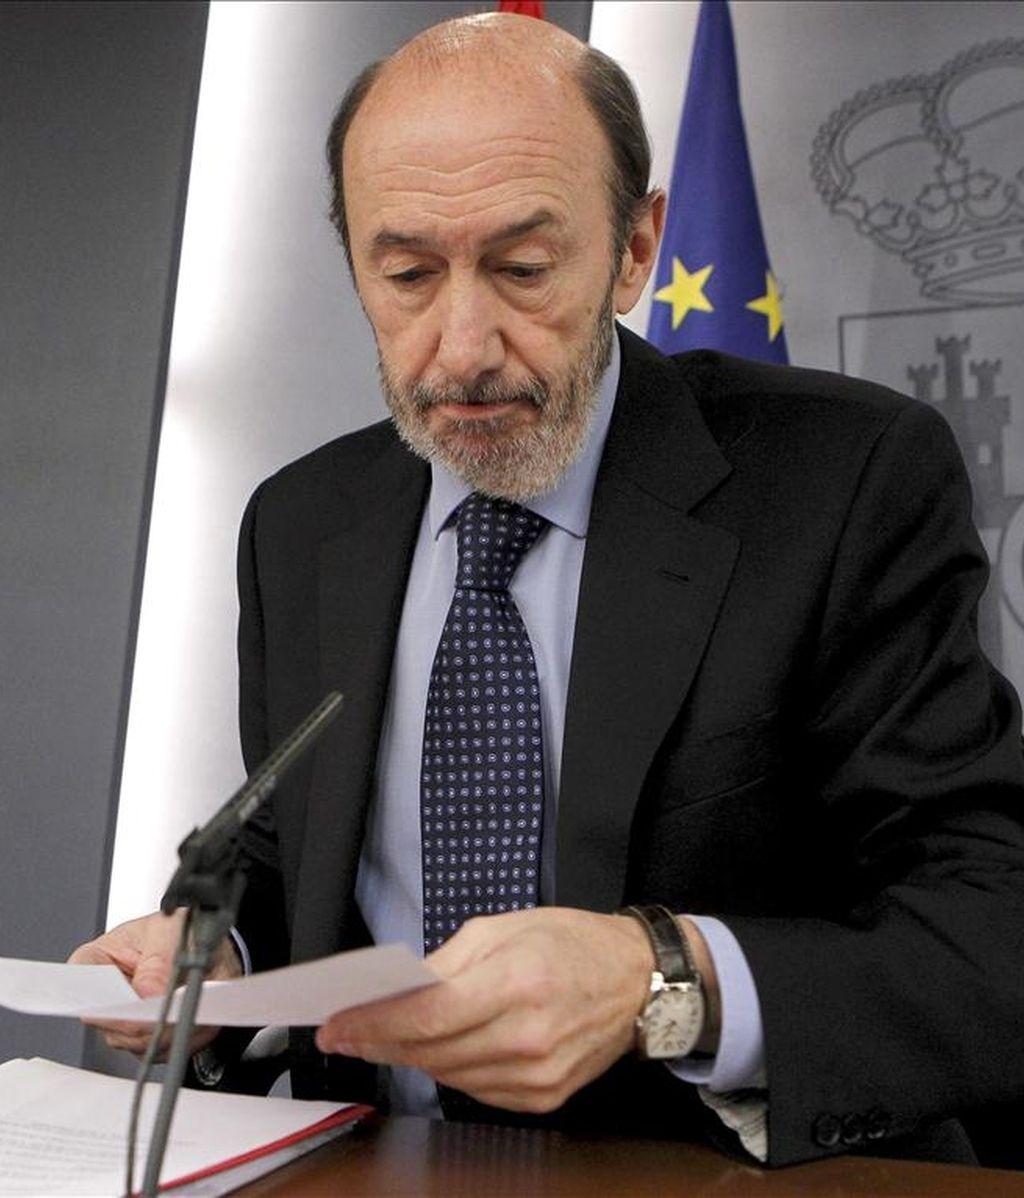 El vicepresidente primero del Gobierno, Alfredo Pérez Rubalcaba, durante la rueda de prensa que ofreció al término de la reunión del Consejo de Ministros hoy en el palacio de la Moncloa. EFE